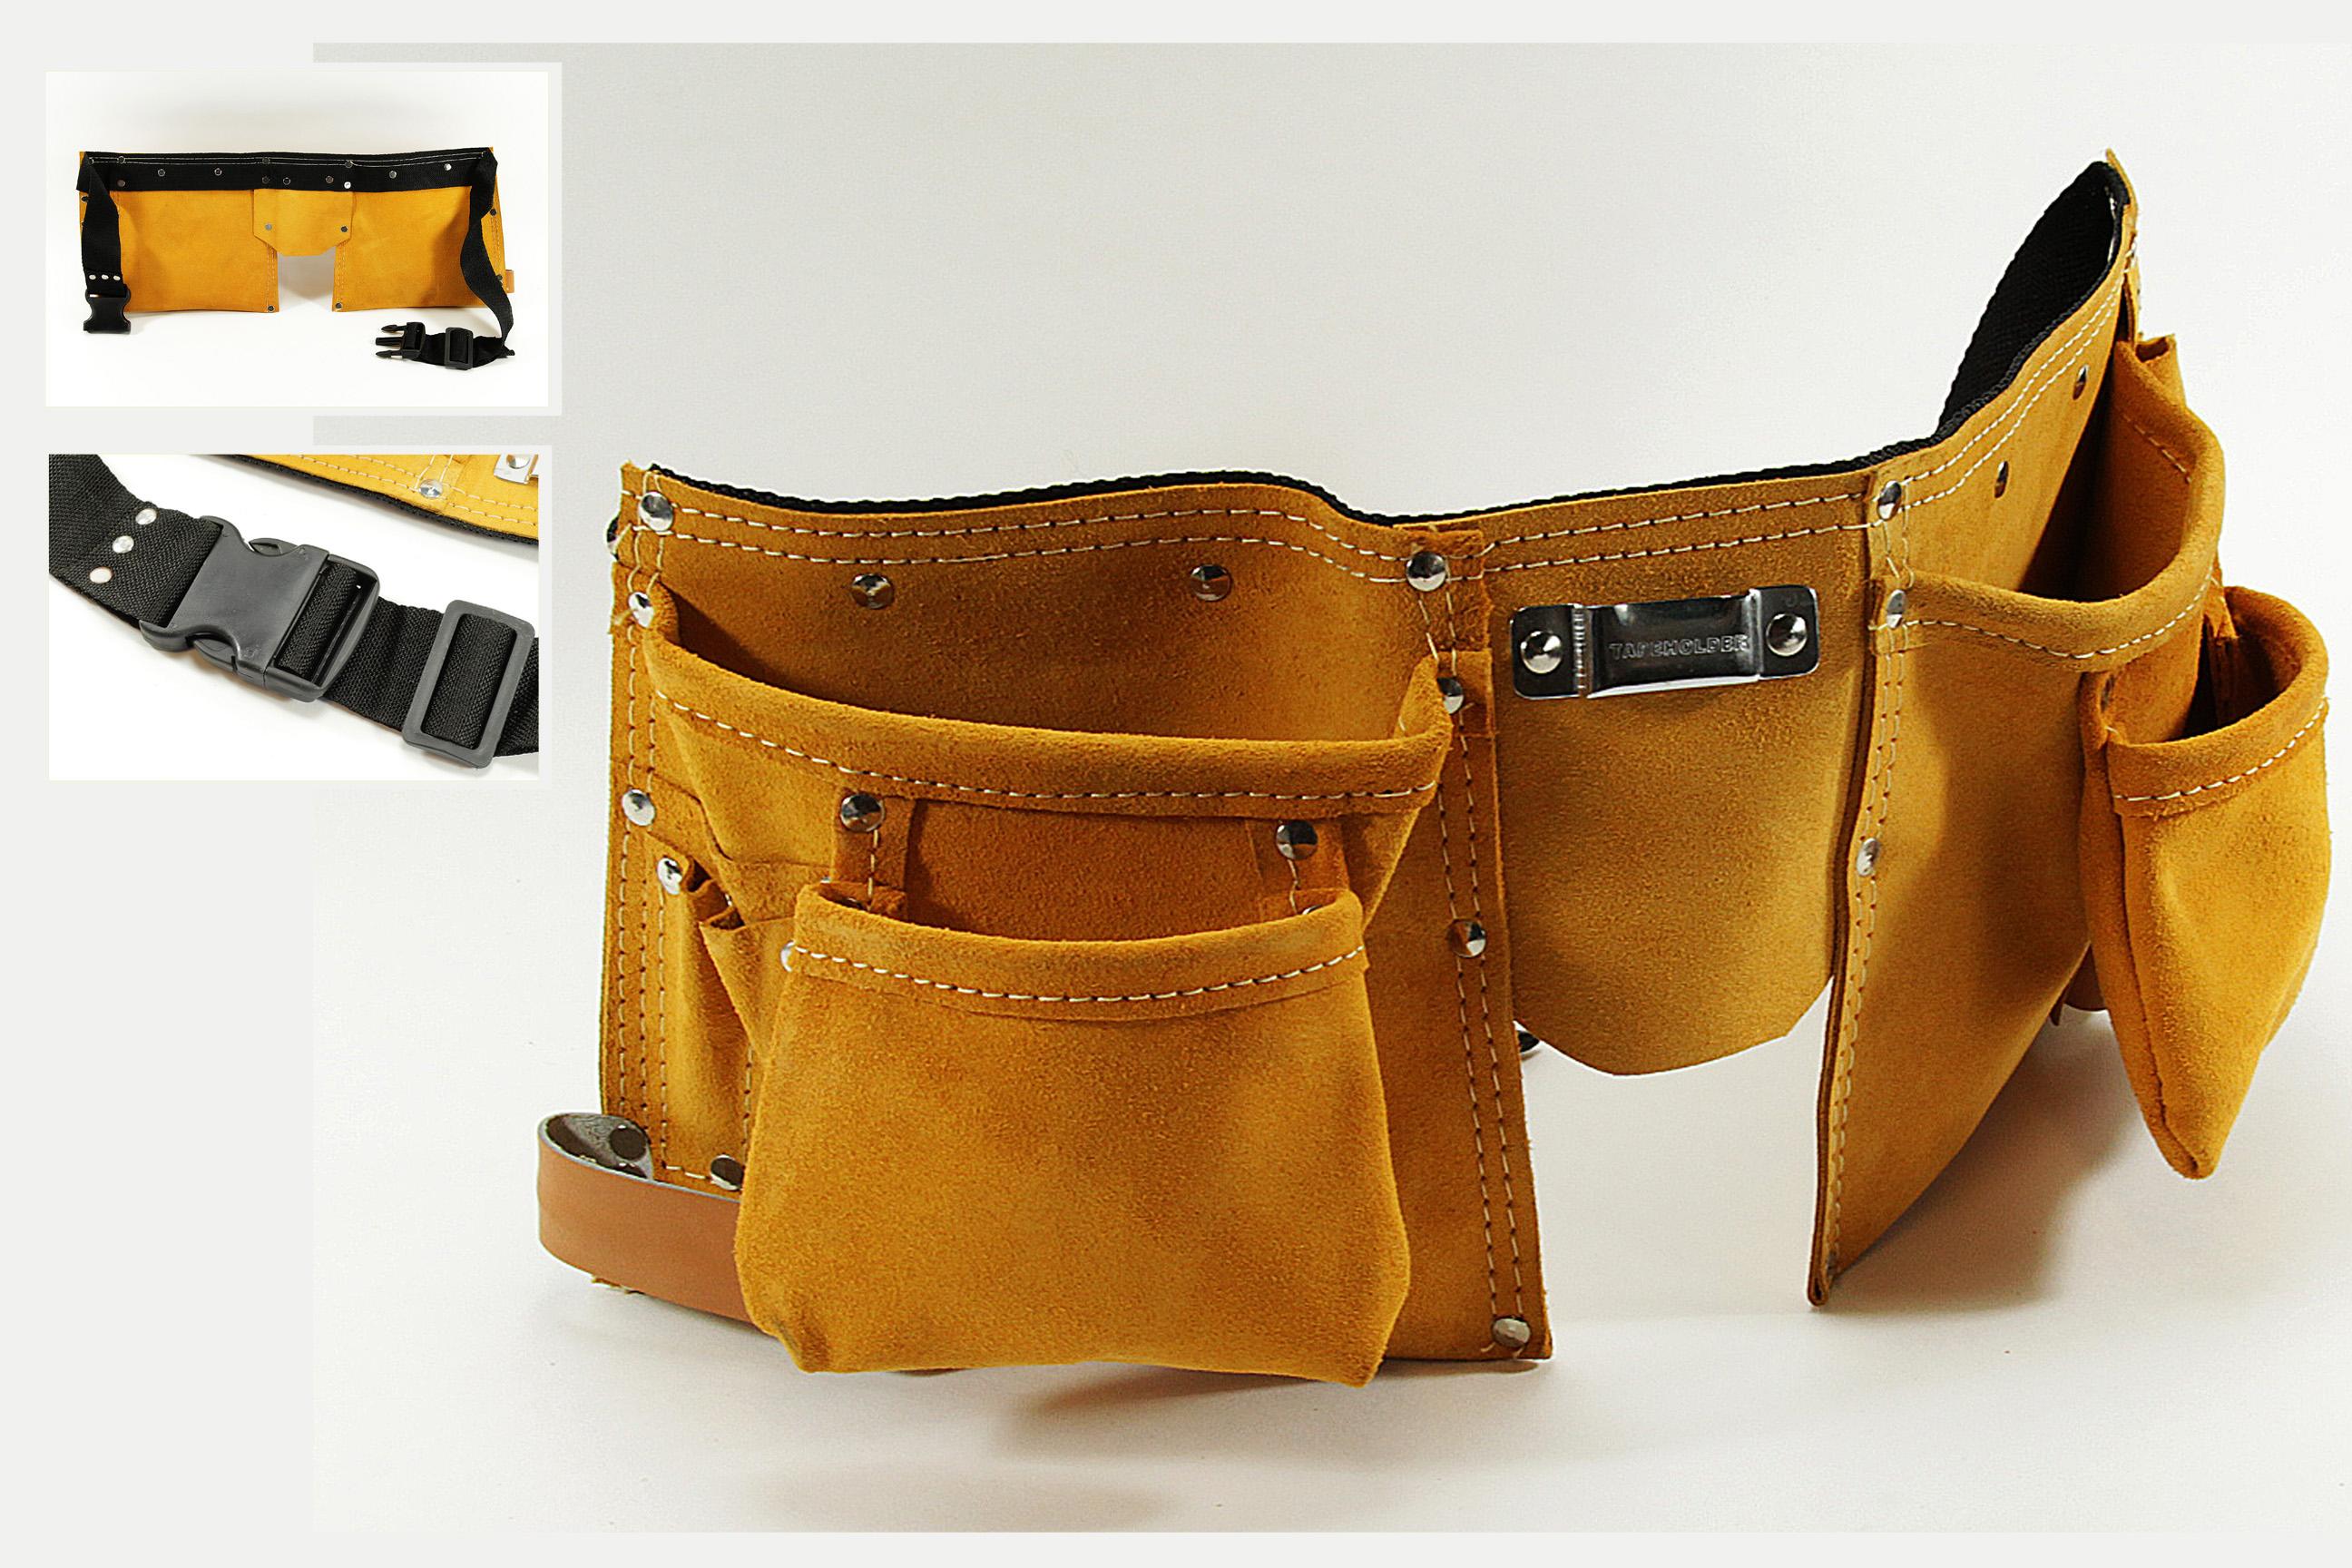 Pro Gürtel Werkzeugtasche Nylon Gürteltasche Nagel Werkzeug Tasche Arbeitstasche